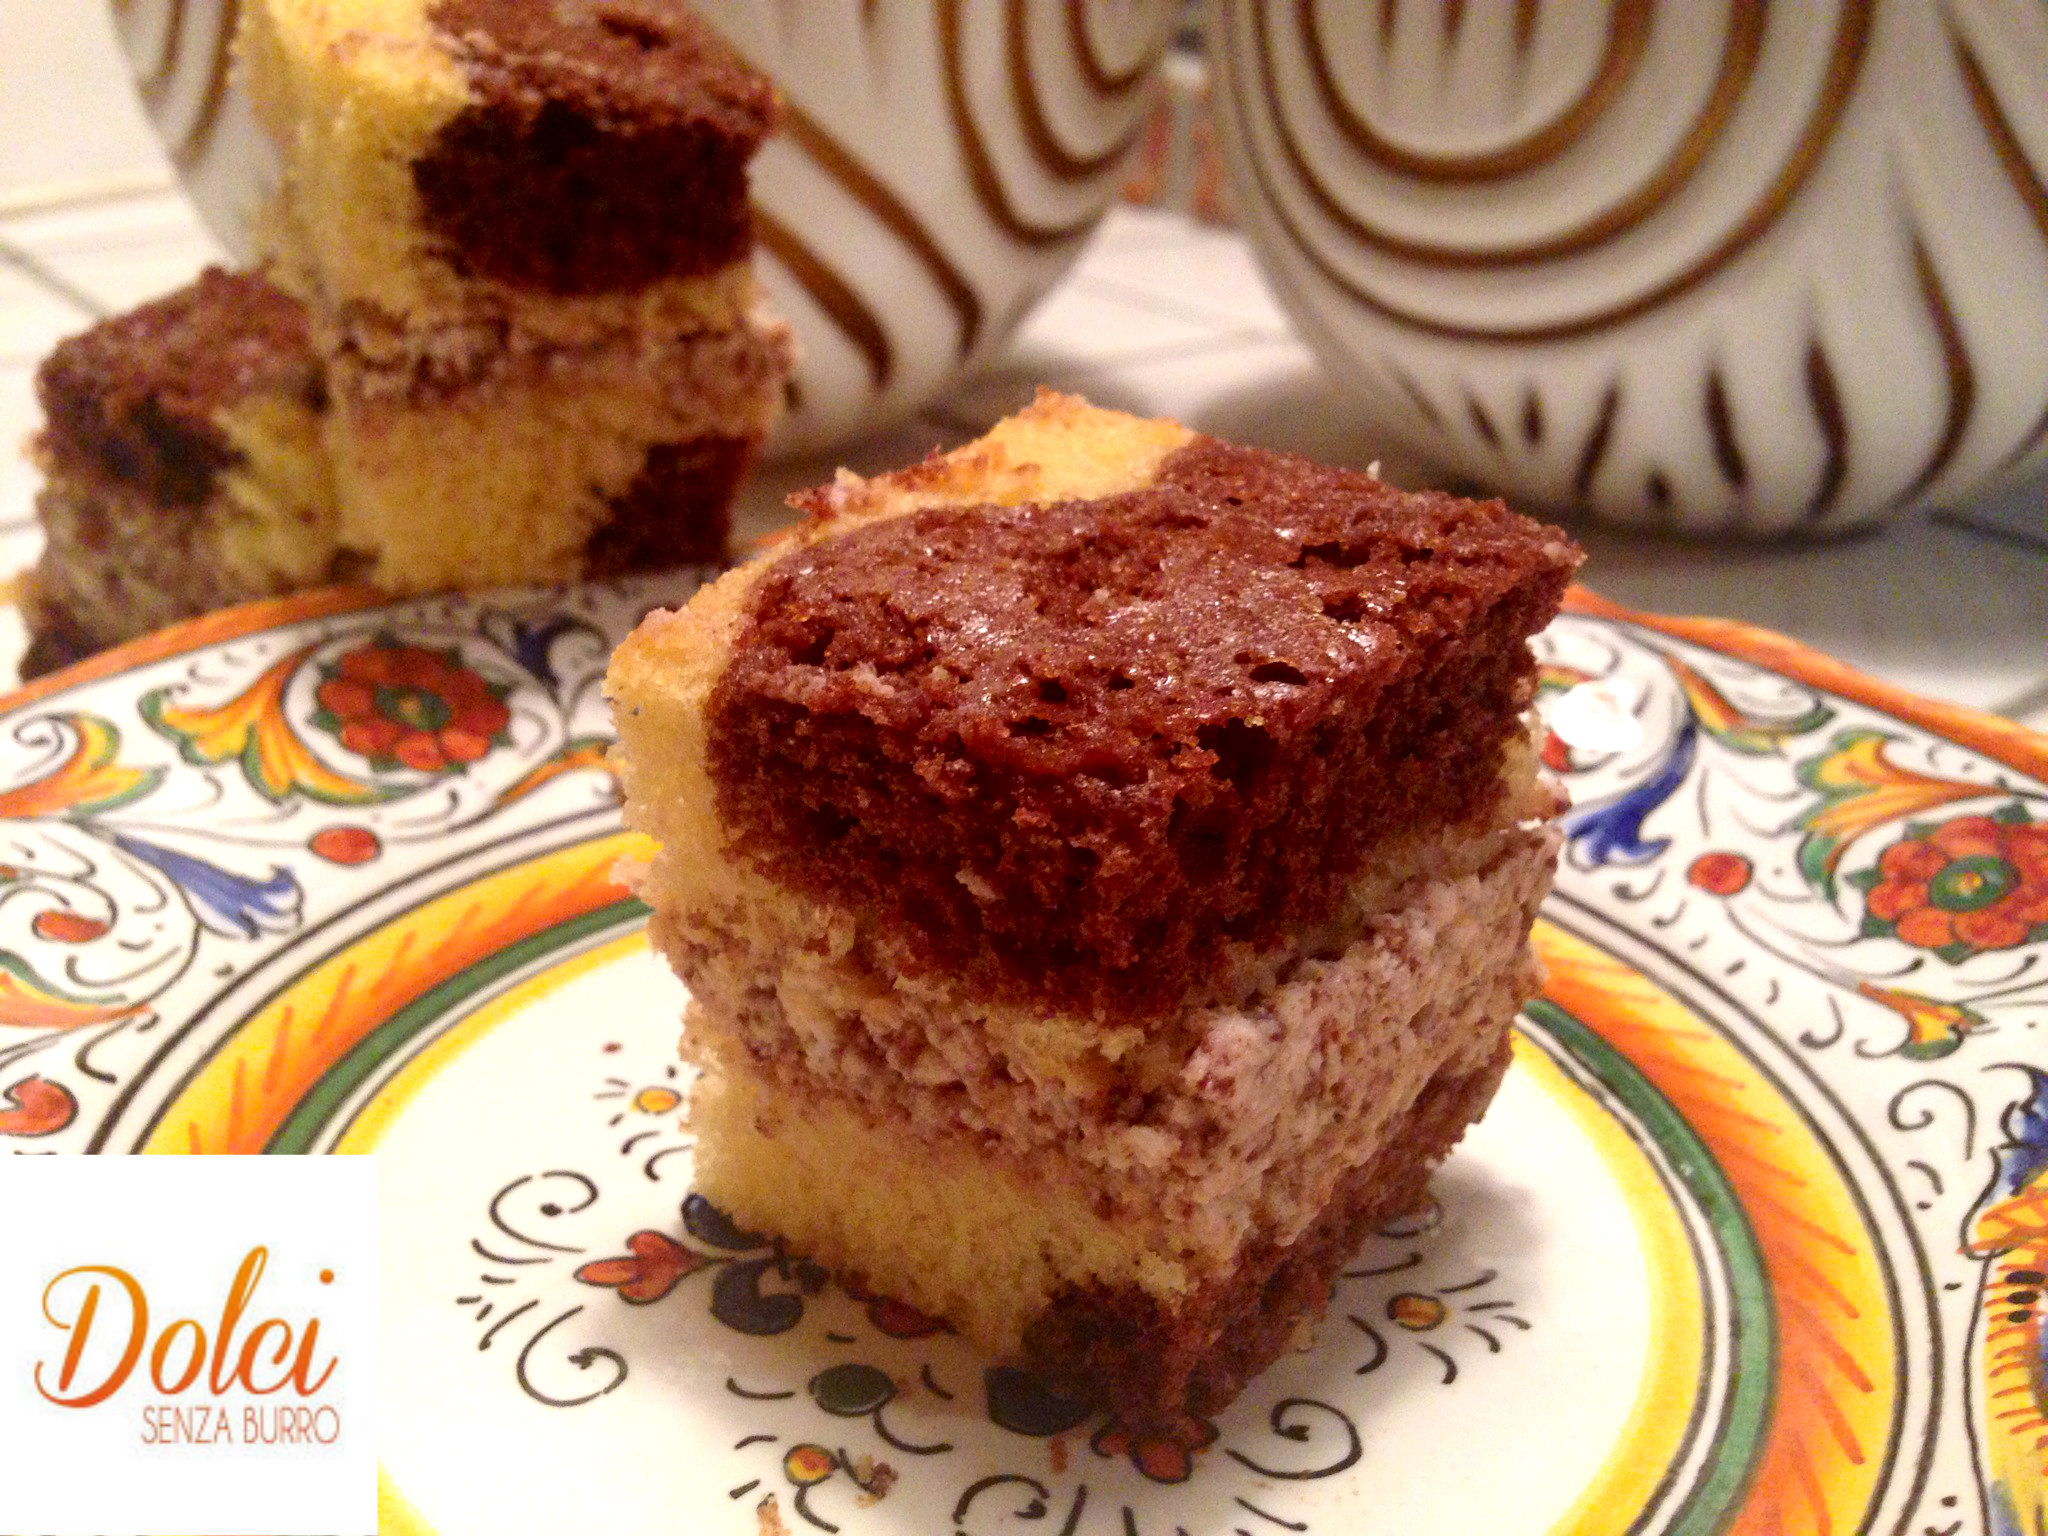 I Trancetti dolci alla ricotta , un piccolo e goloso piacere di dolci senza burro